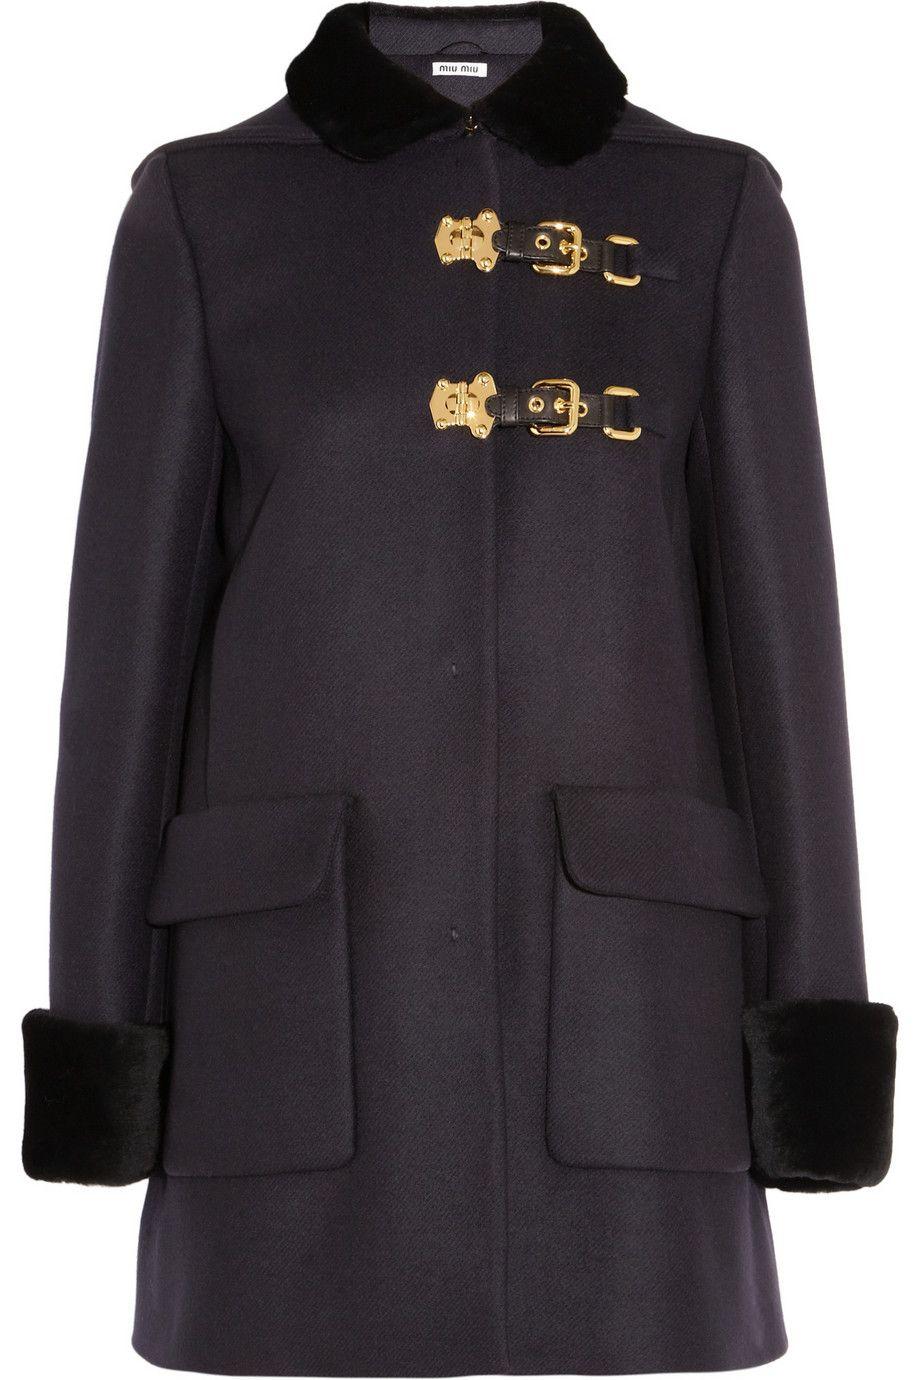 Miu Miu - Shearling-trimmed brushed wool-twill duffle coat